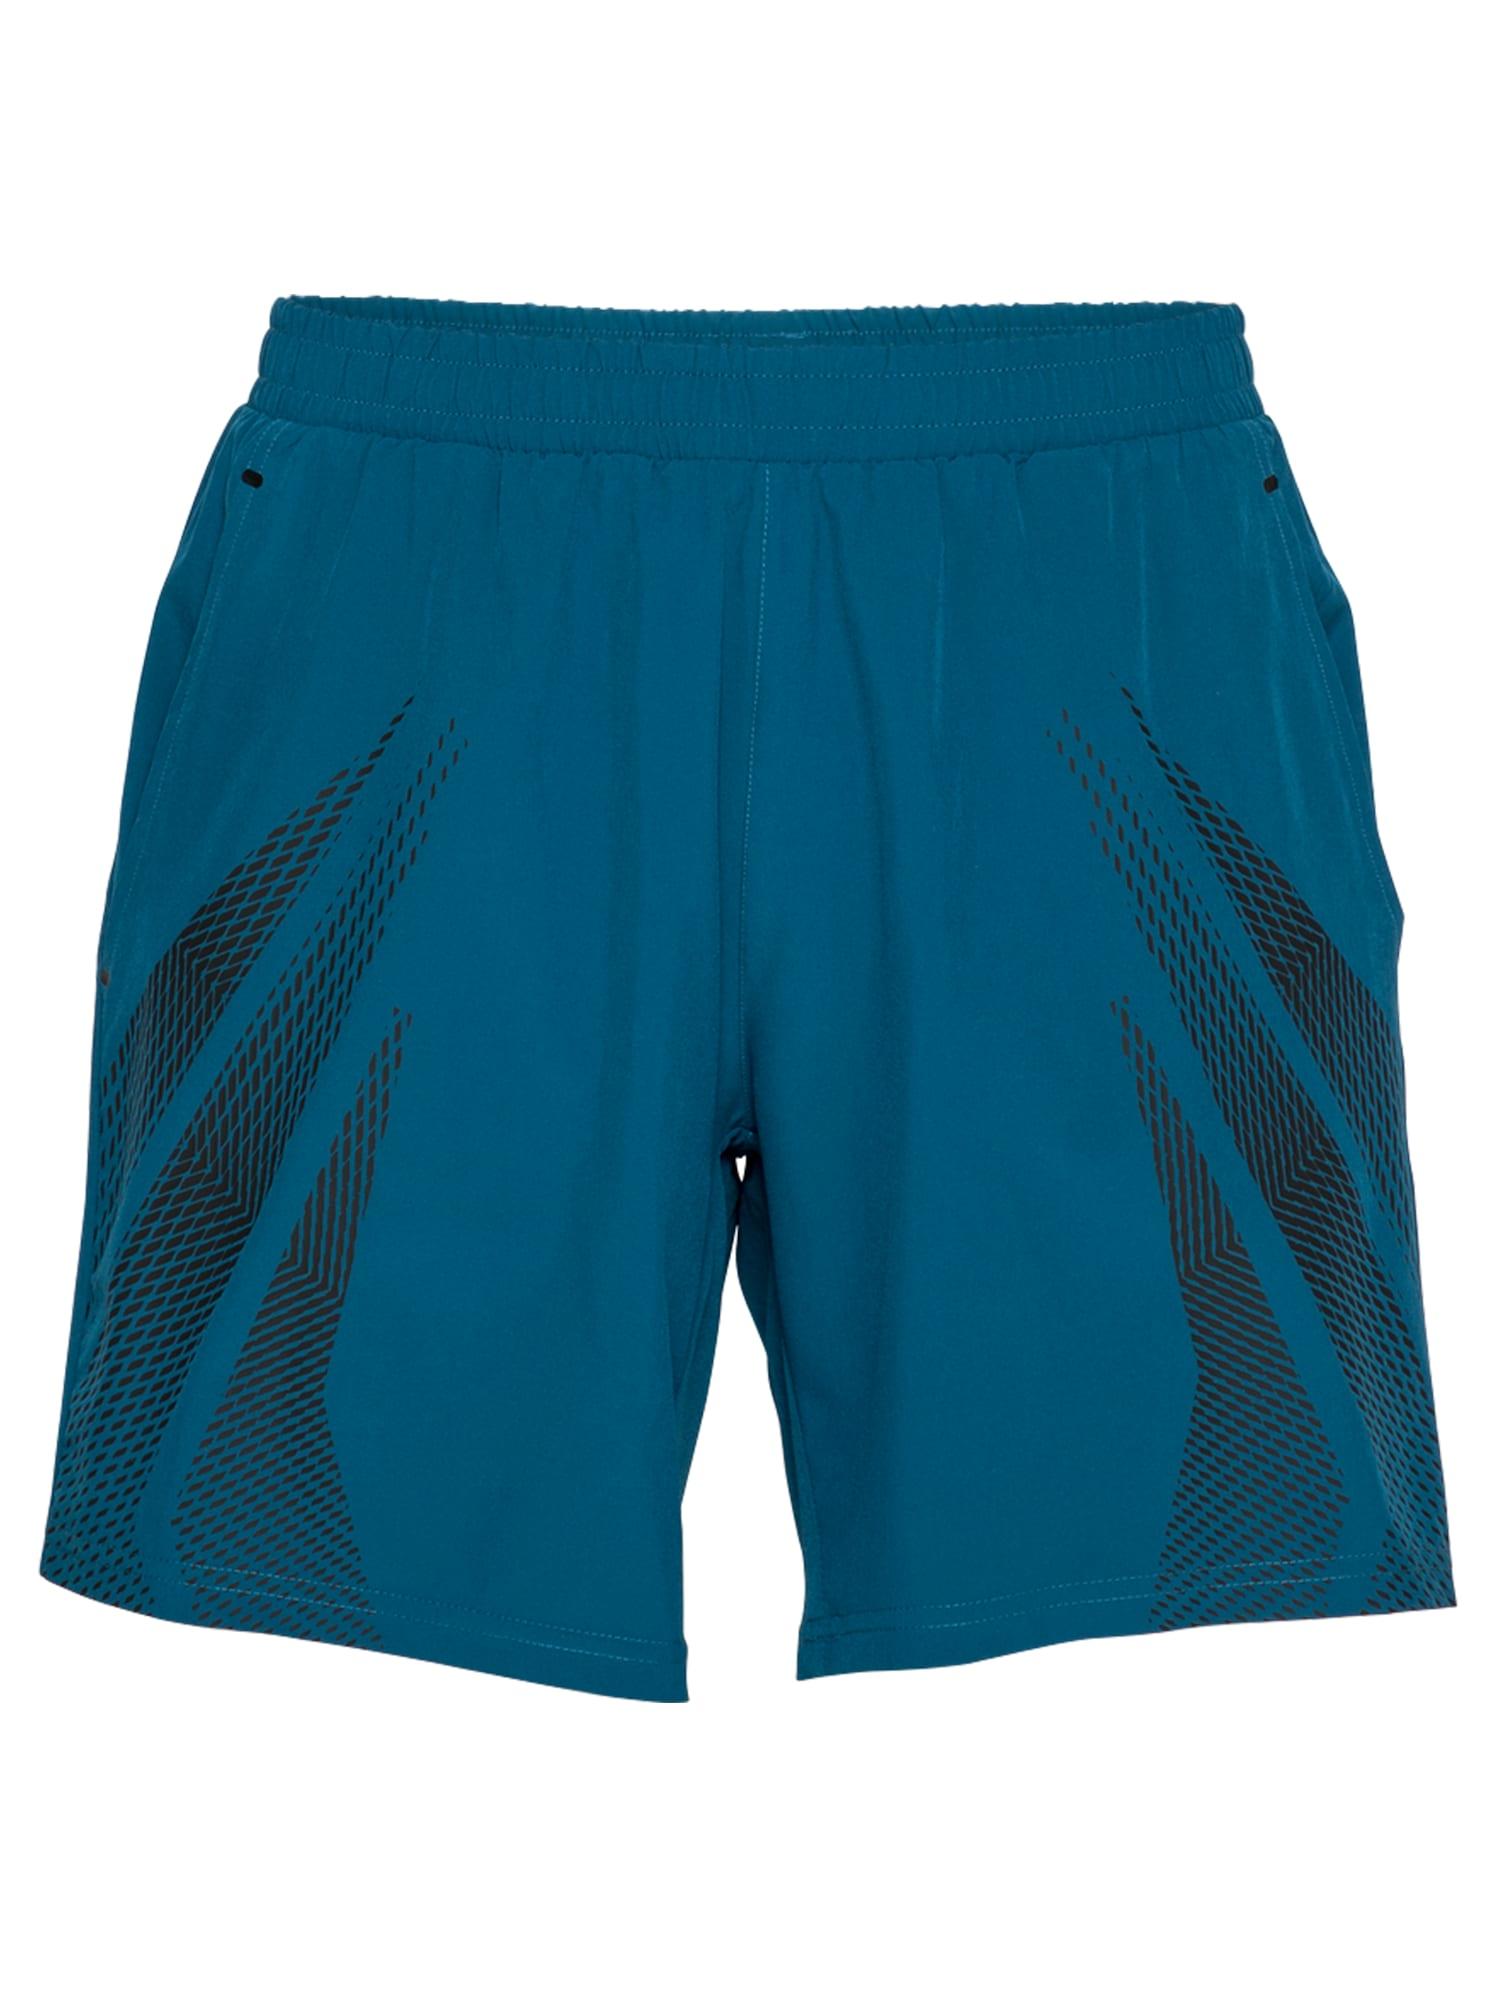 4F Sportinės kelnės tamsiai mėlyna / juoda